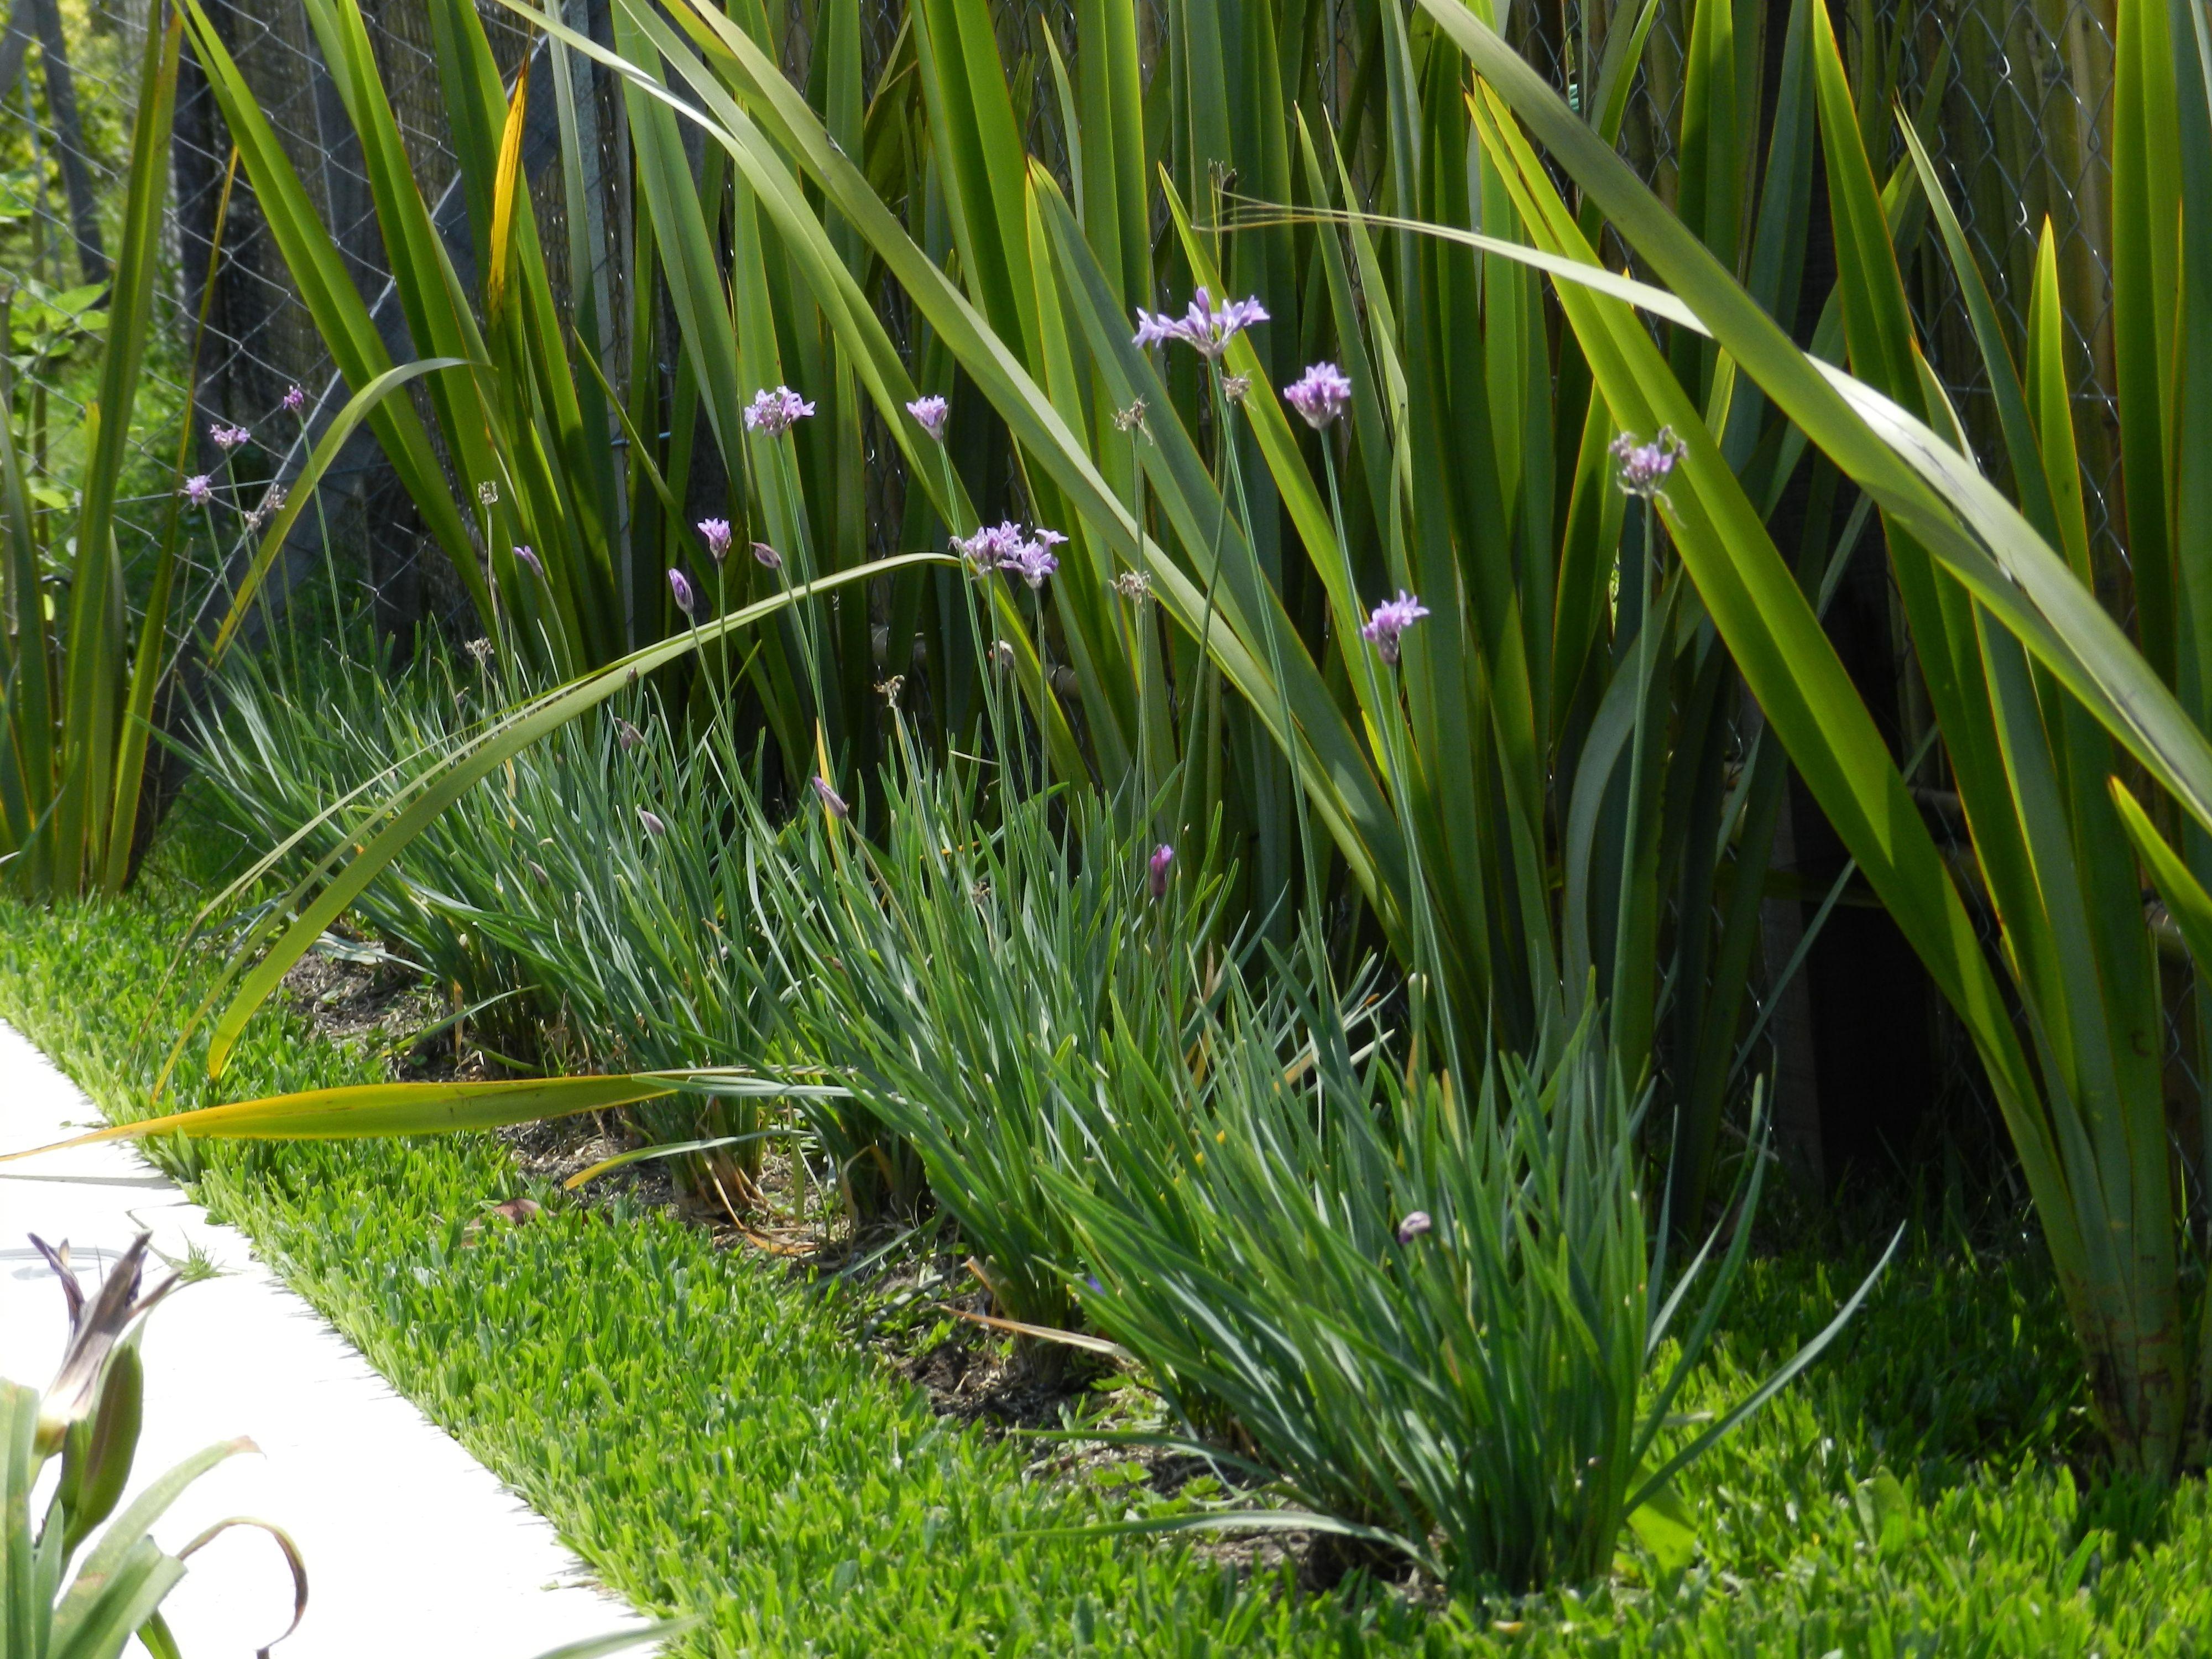 Tulbalgias delante de phormium tenax jardin y pergola - Arbustos enanos para jardin ...